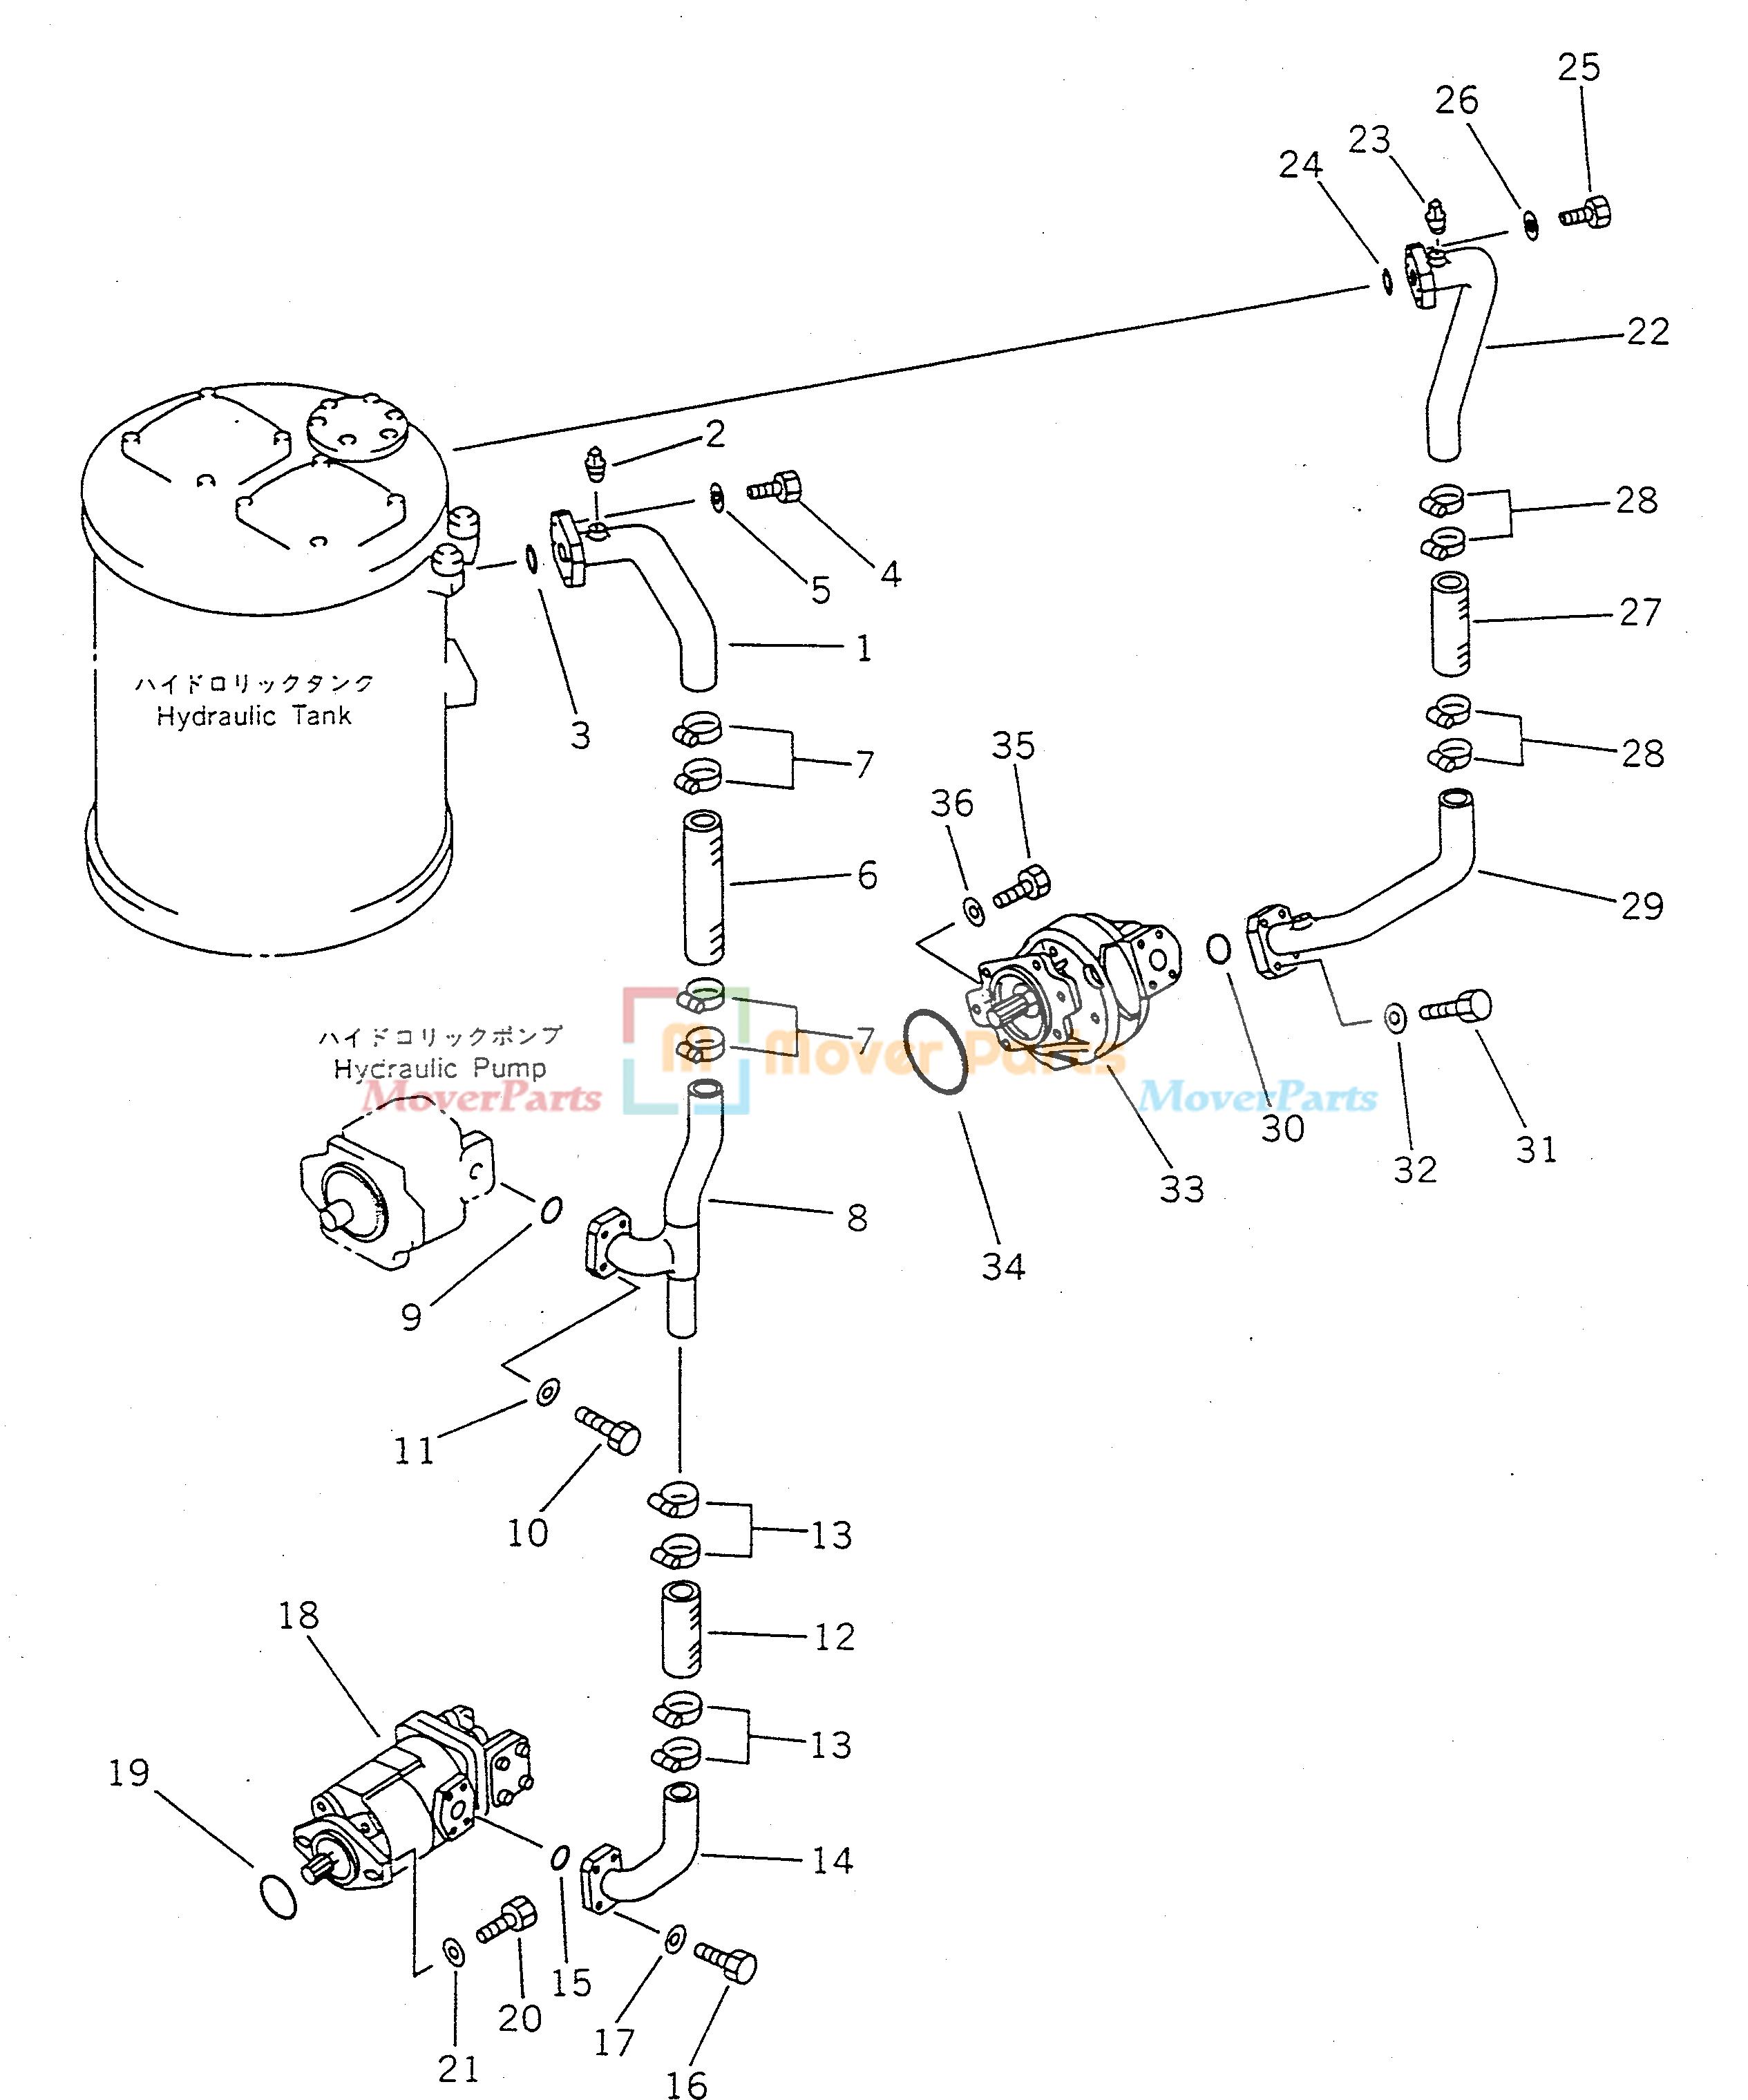 51568955 hydraulic gear pump 705 52 20100 7055220100 for komatsu wa450 1